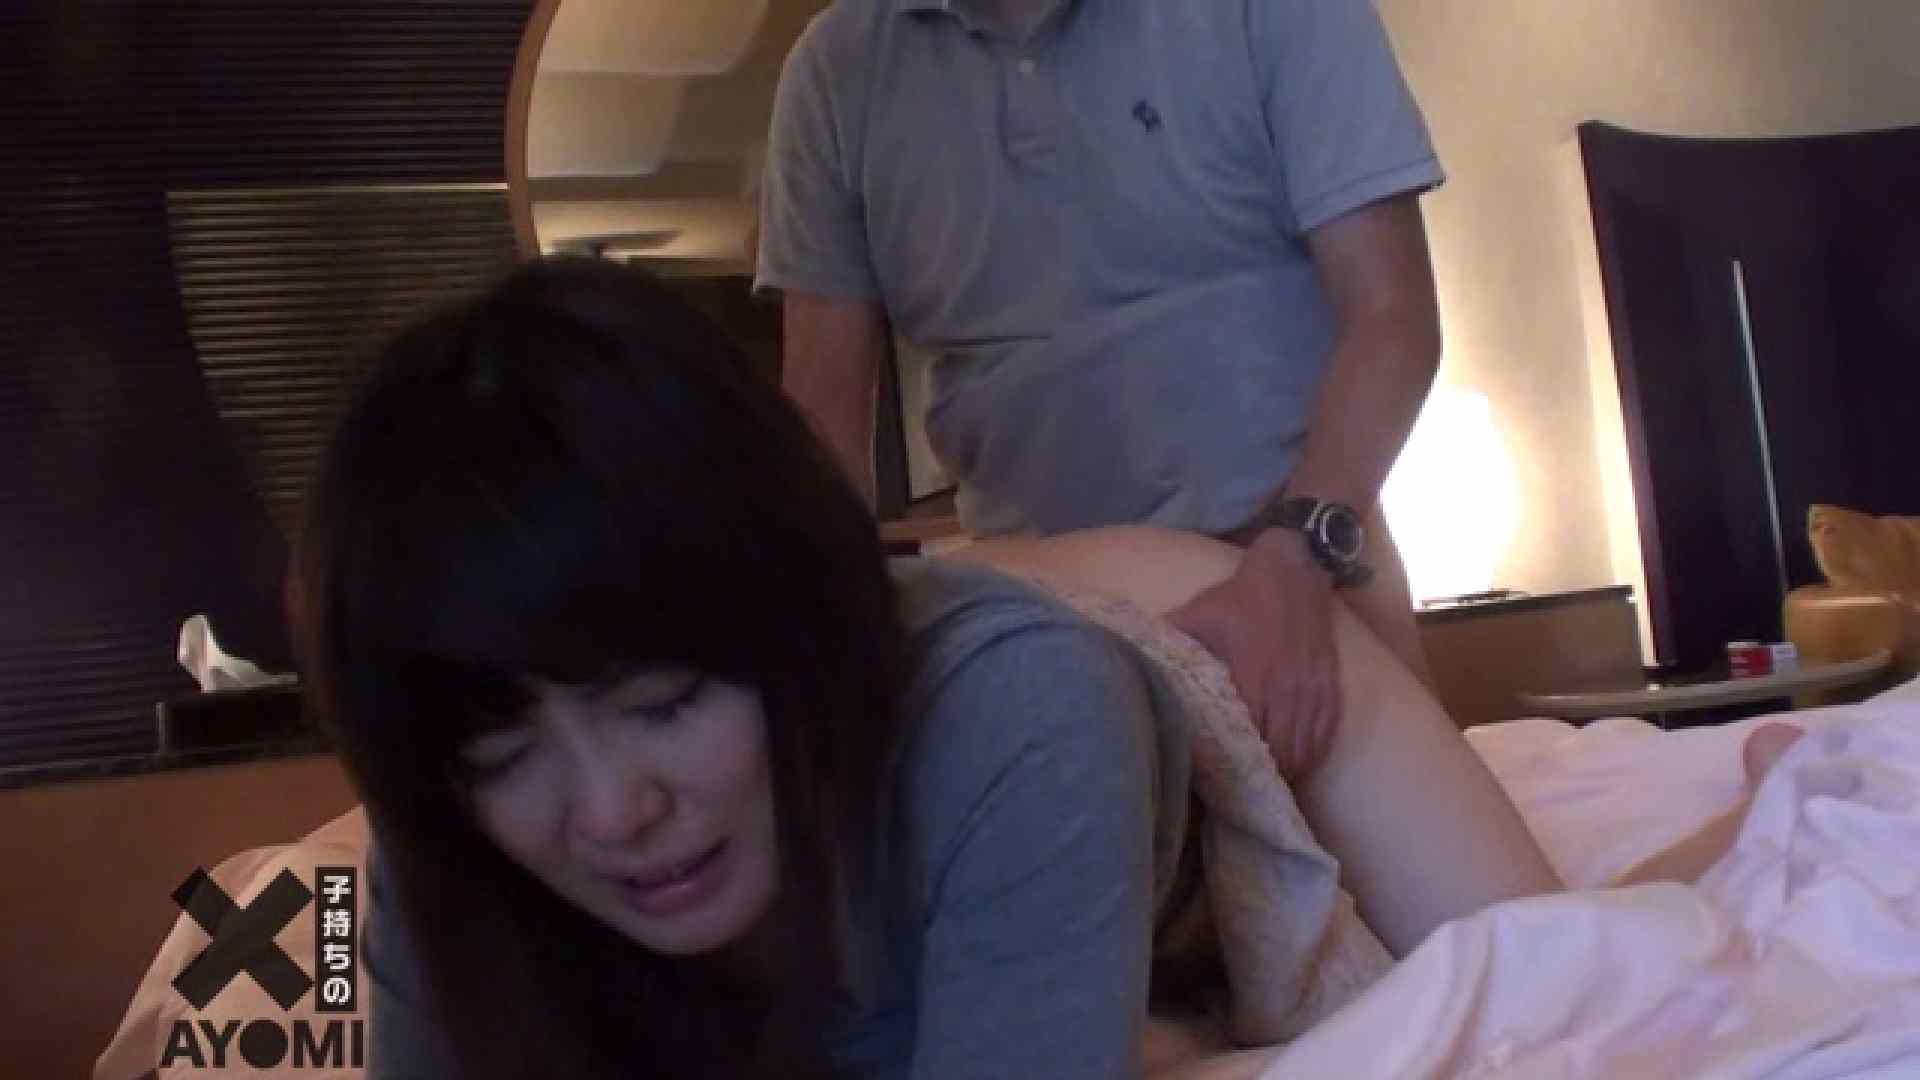 ×一子持ちのM女AYAMIvol.12 ホテル隠し撮り エロ画像 82pic 67